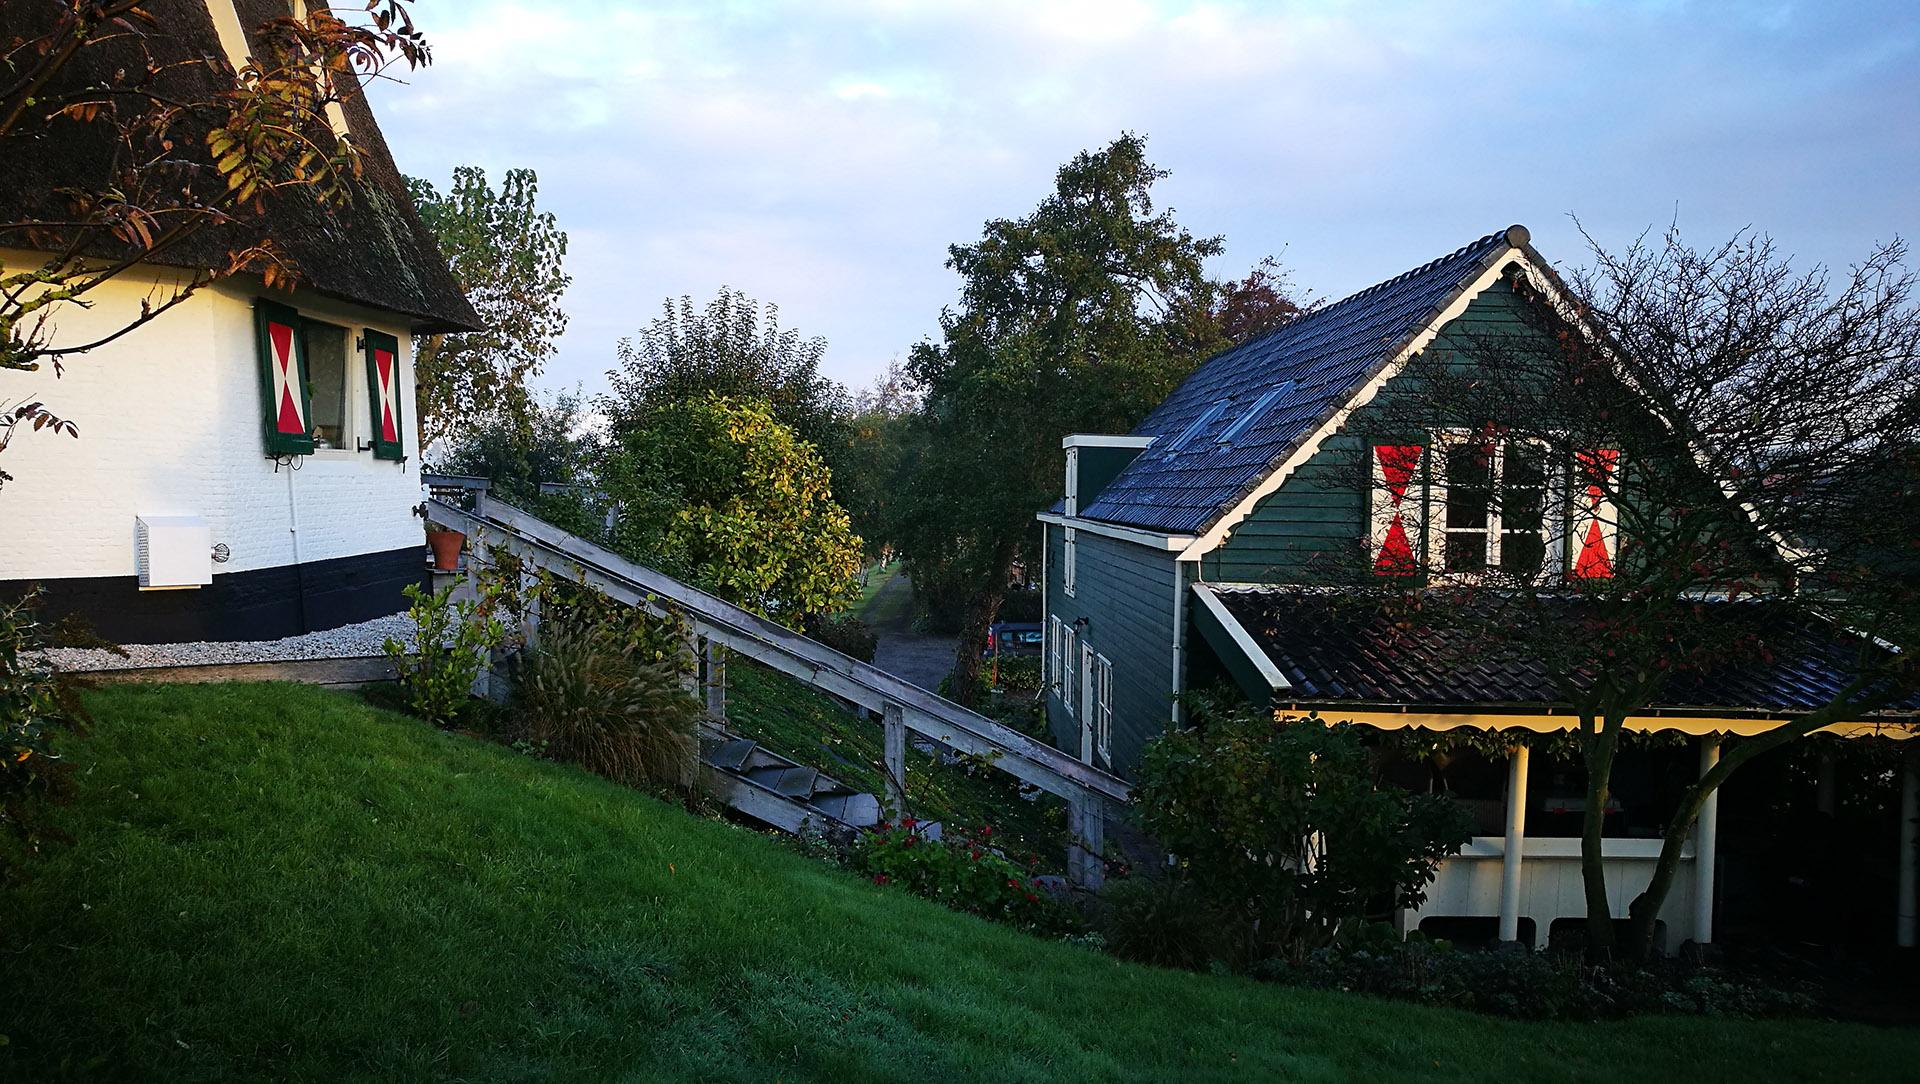 Leimuiden, Kerklaan 120, praktijkadres KaleidoSCOPE